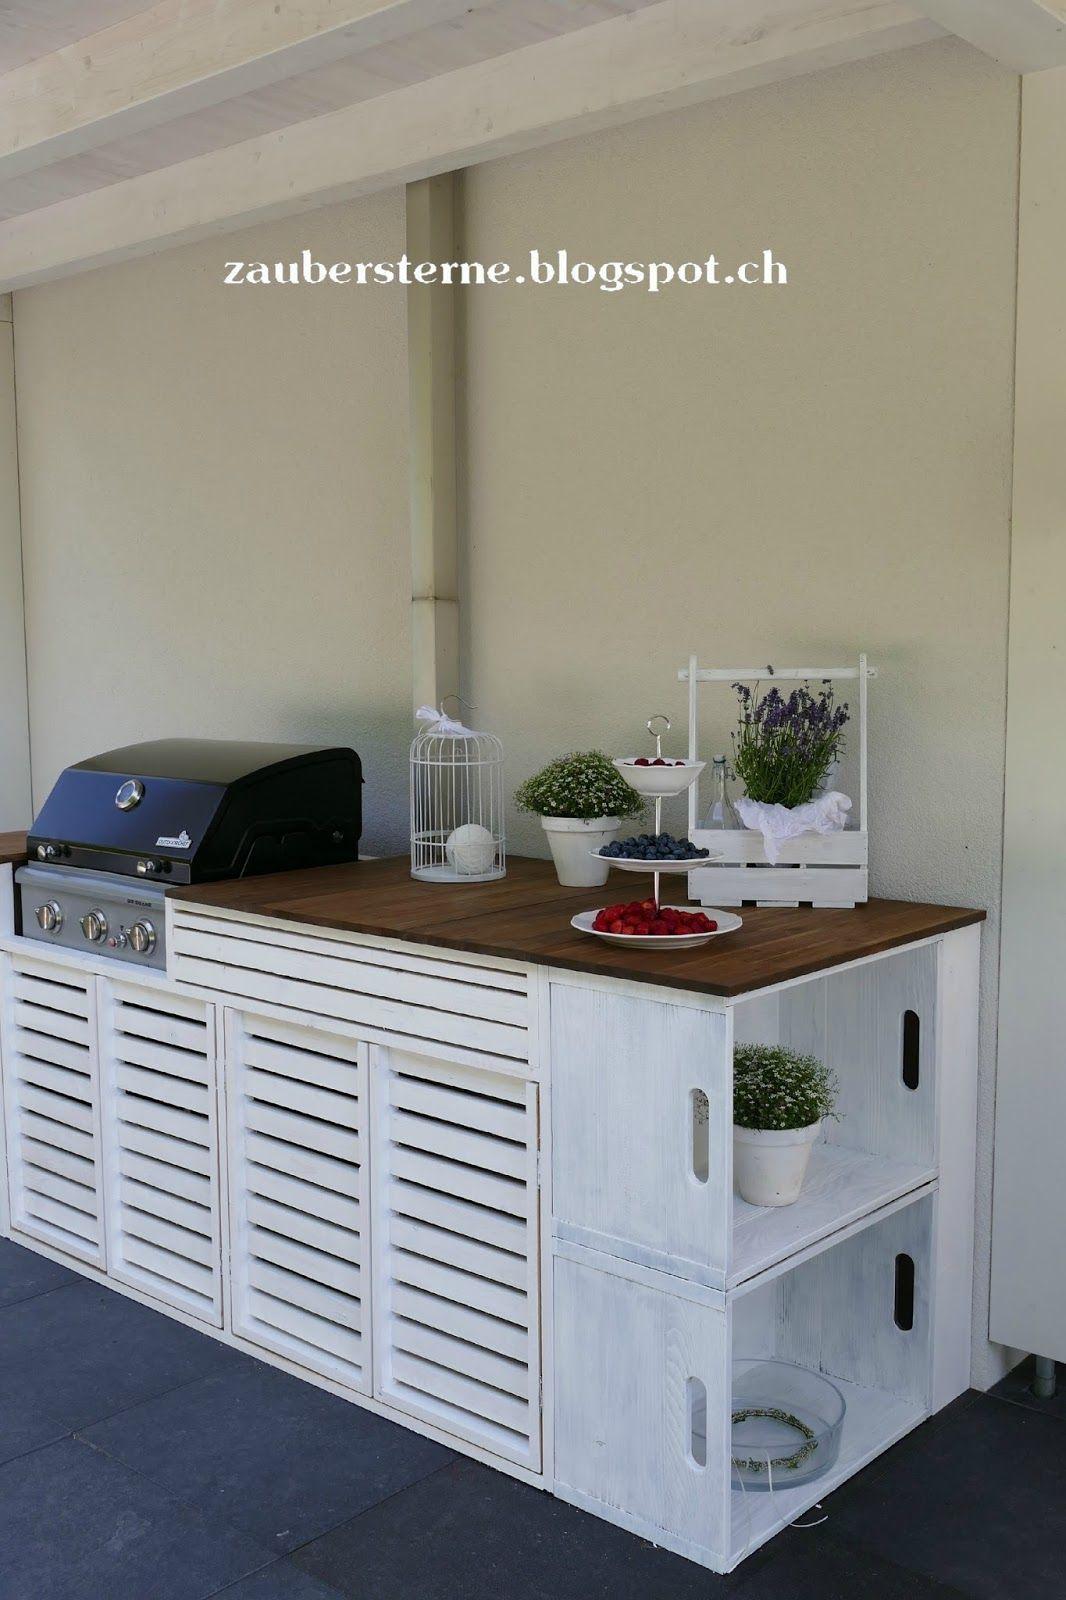 Outdoorküche DIY, Outdoorkitchen   Deko im Garten   Pinterest ...